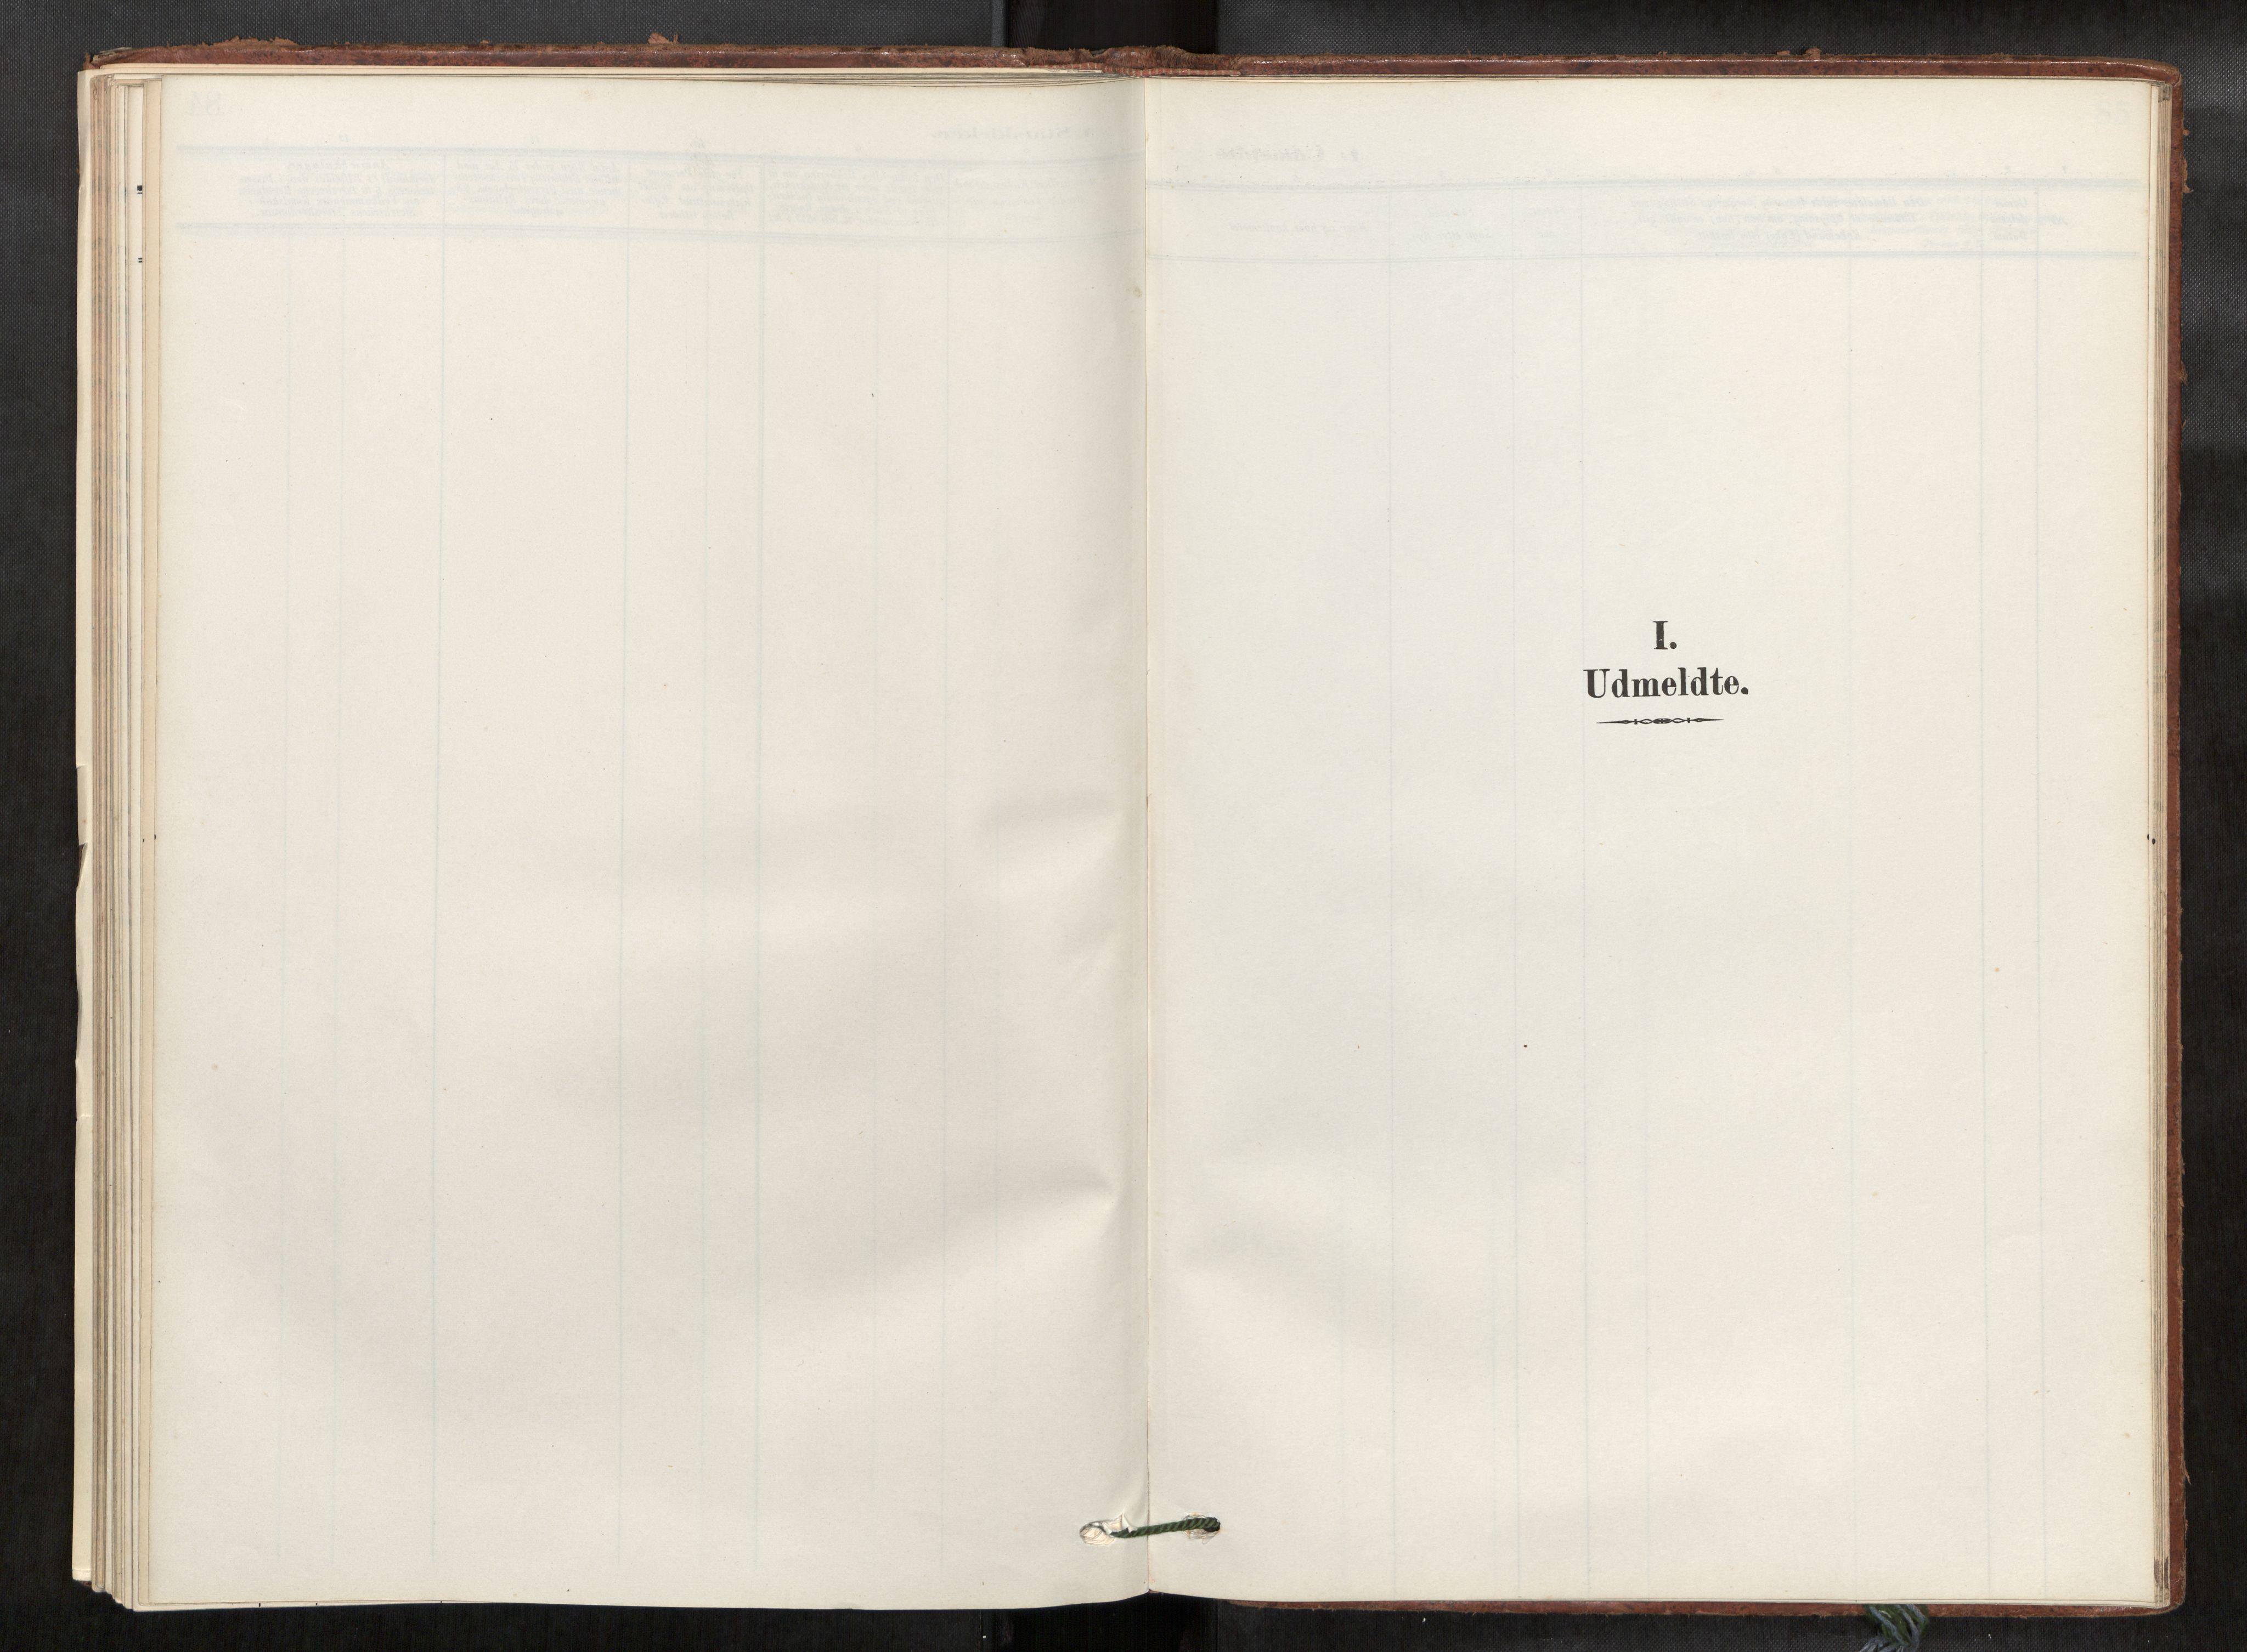 SAT, Verdal sokneprestkontor*, Ministerialbok nr. 2, 1907-1921